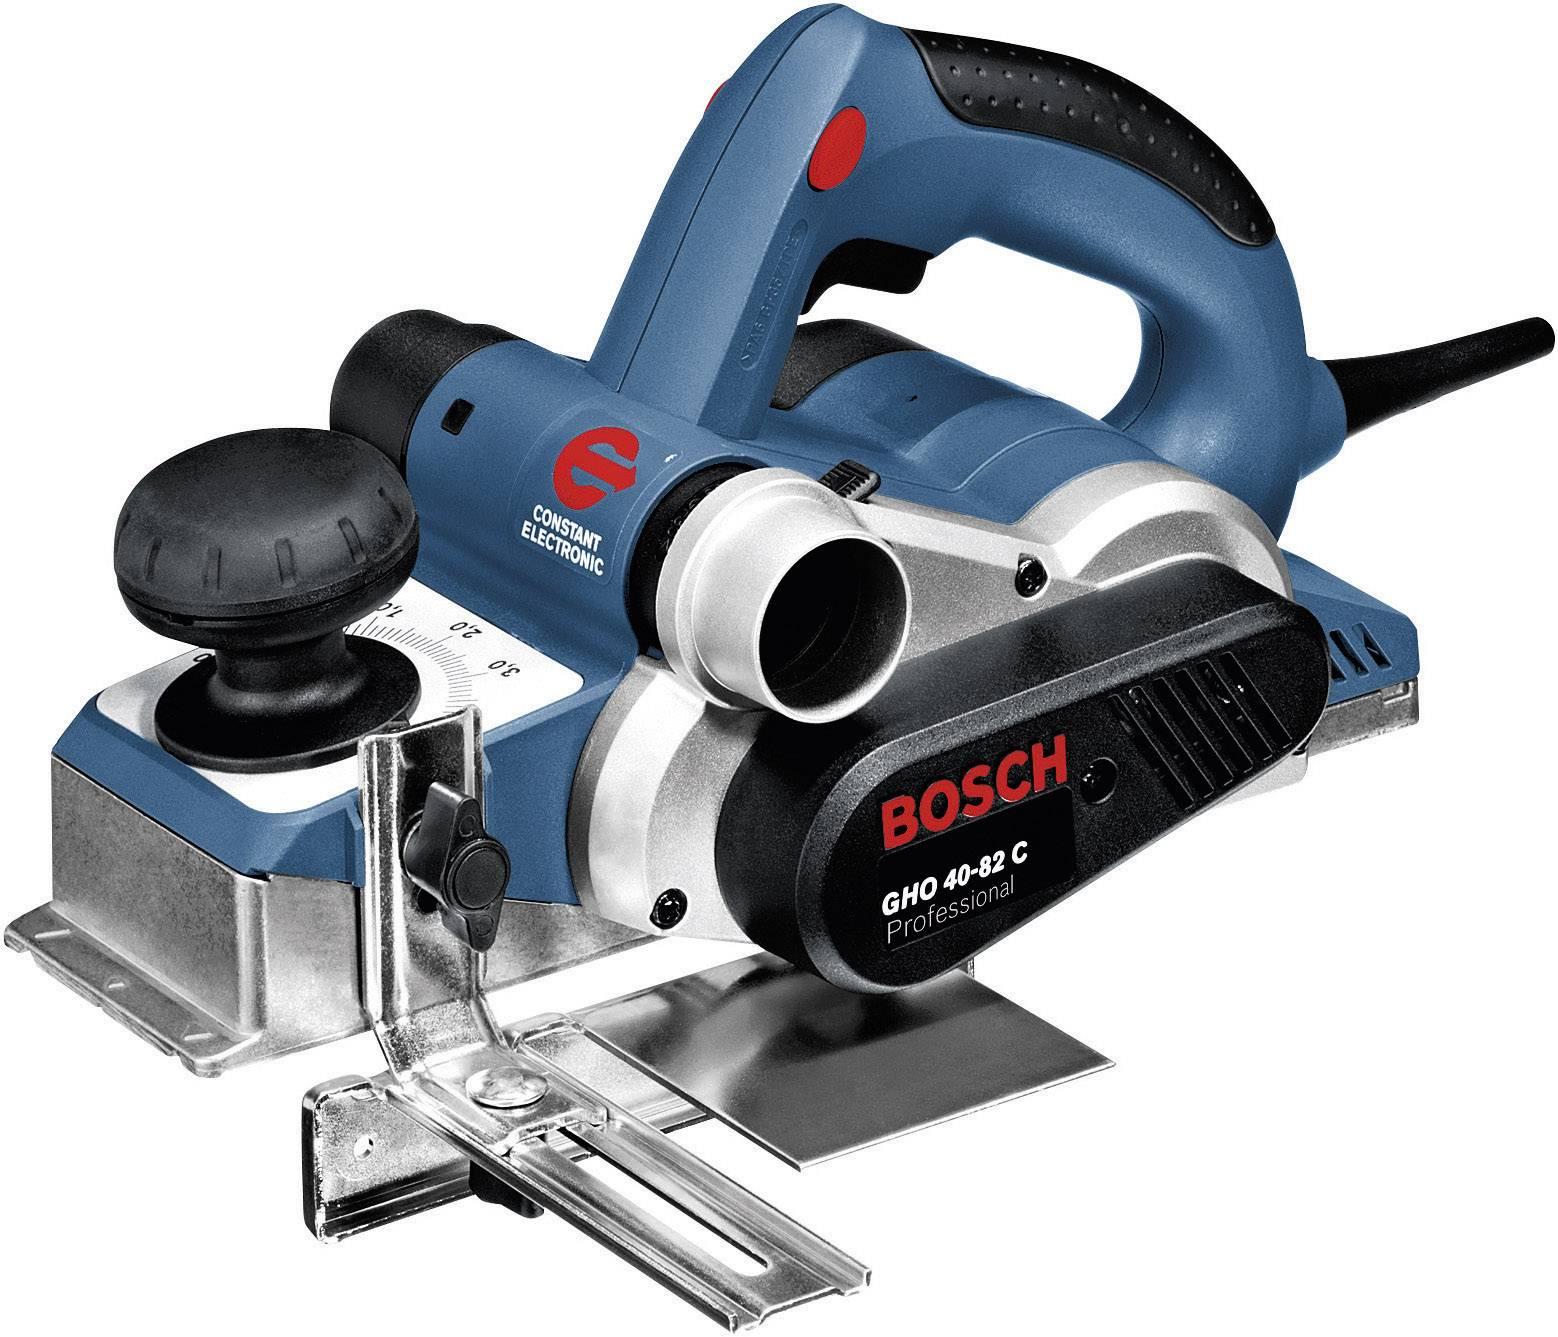 Hoblík Bosch GHO 40-82 C, L-Boxx 060159A76A